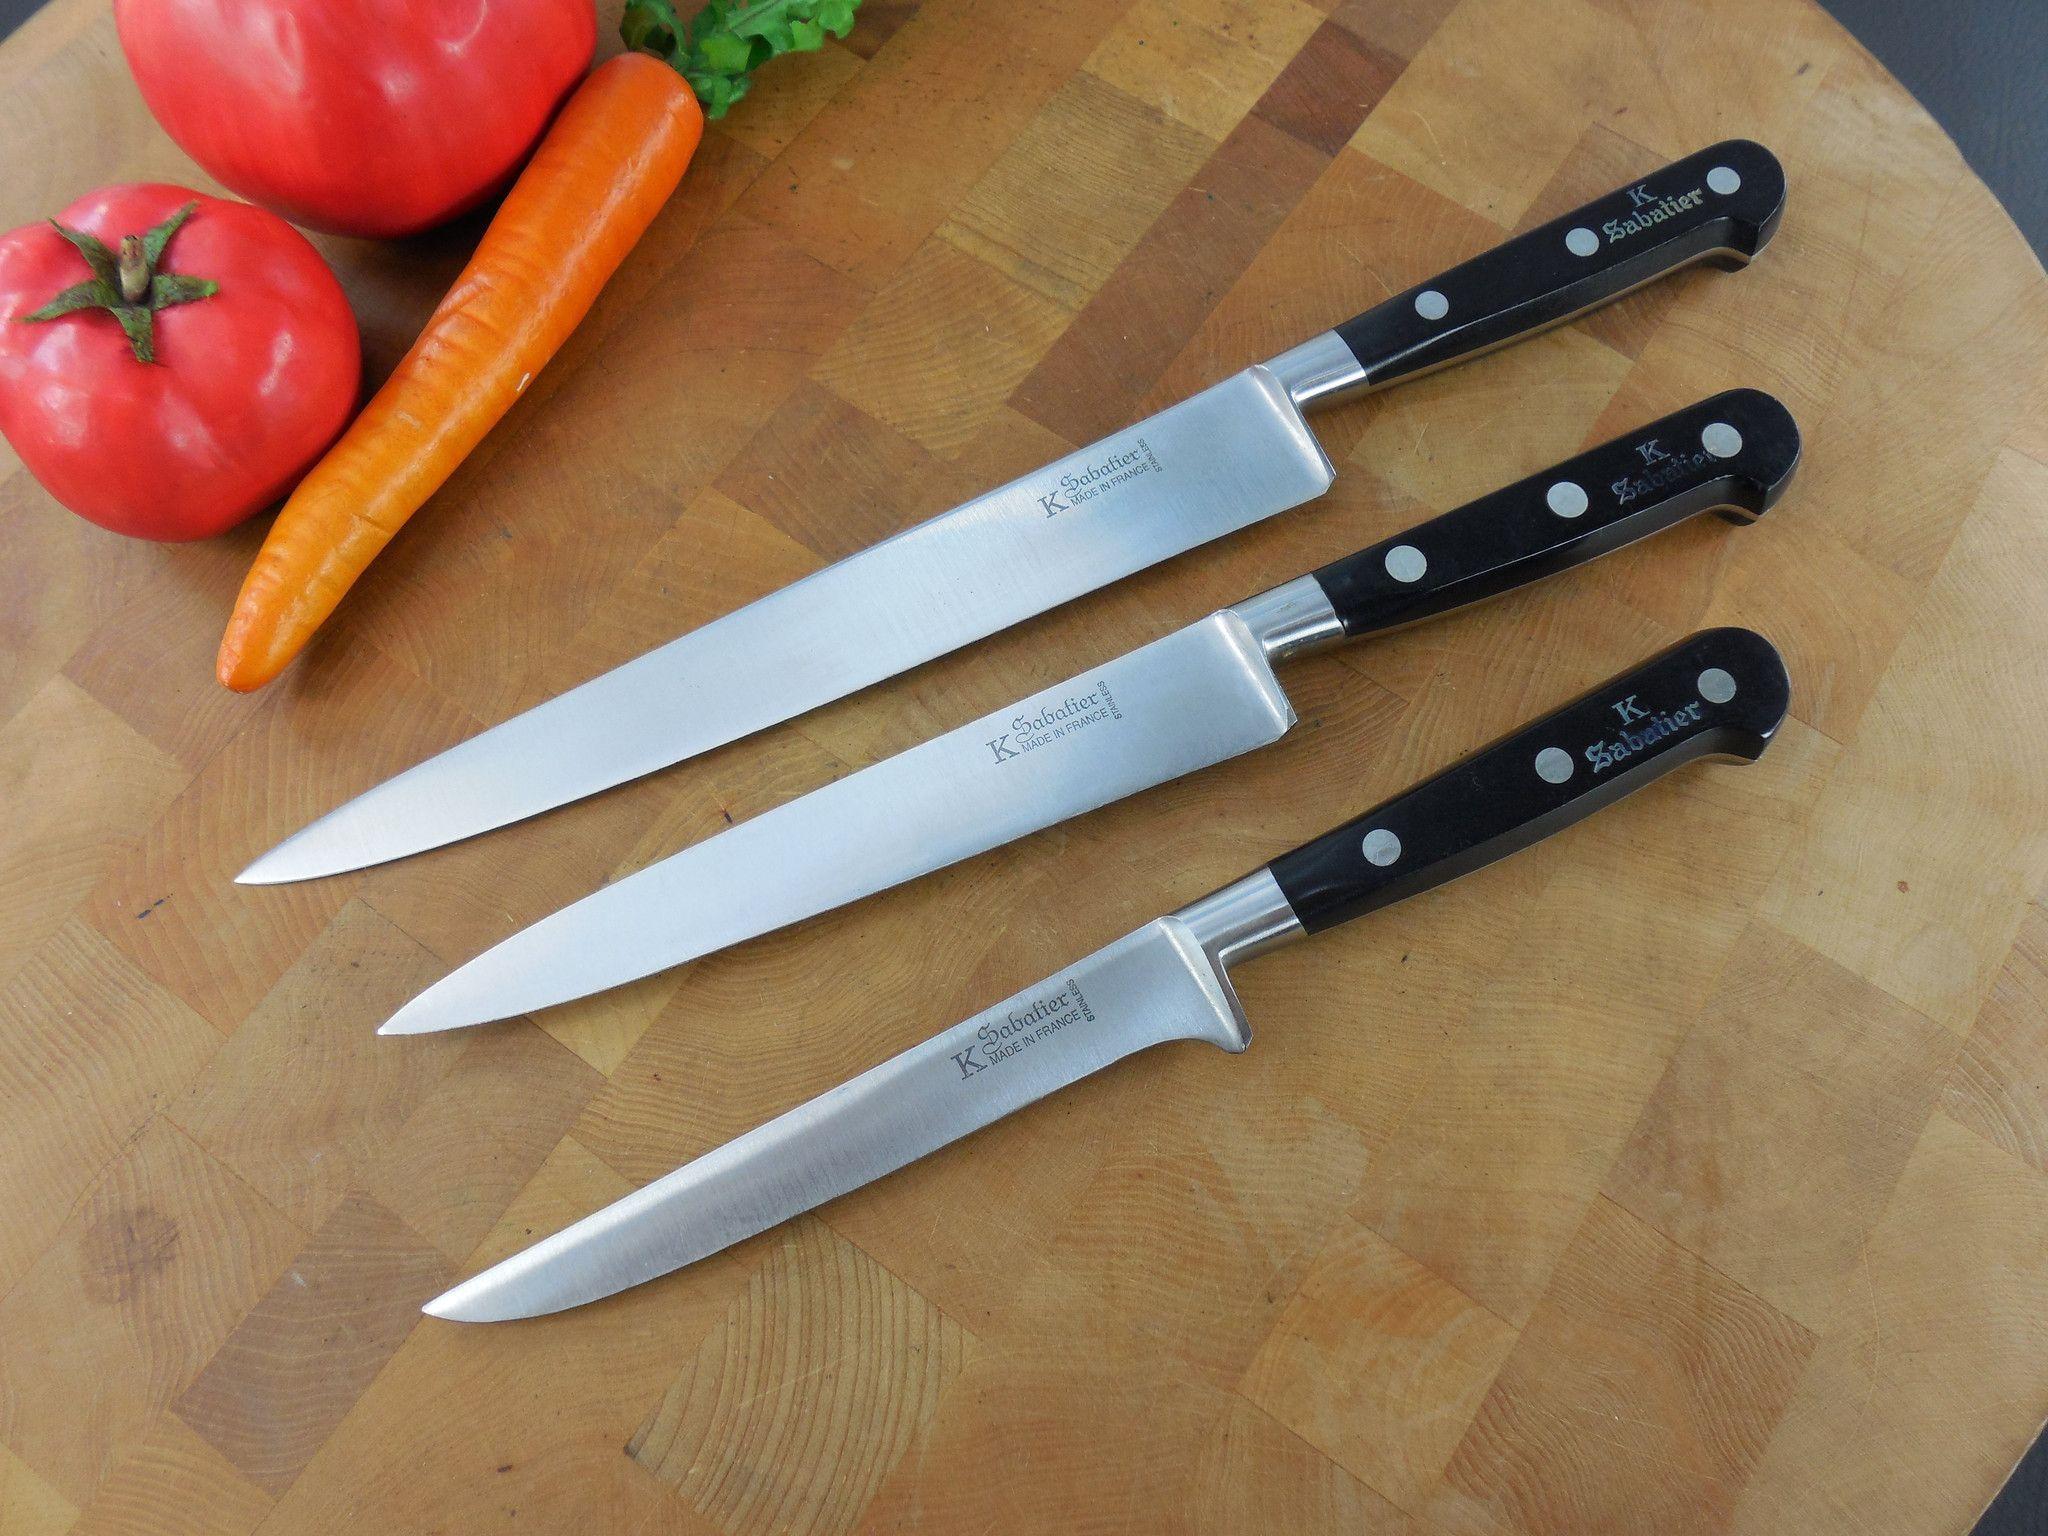 sabatier k france 3 set slicing utility kitchen cooking knives